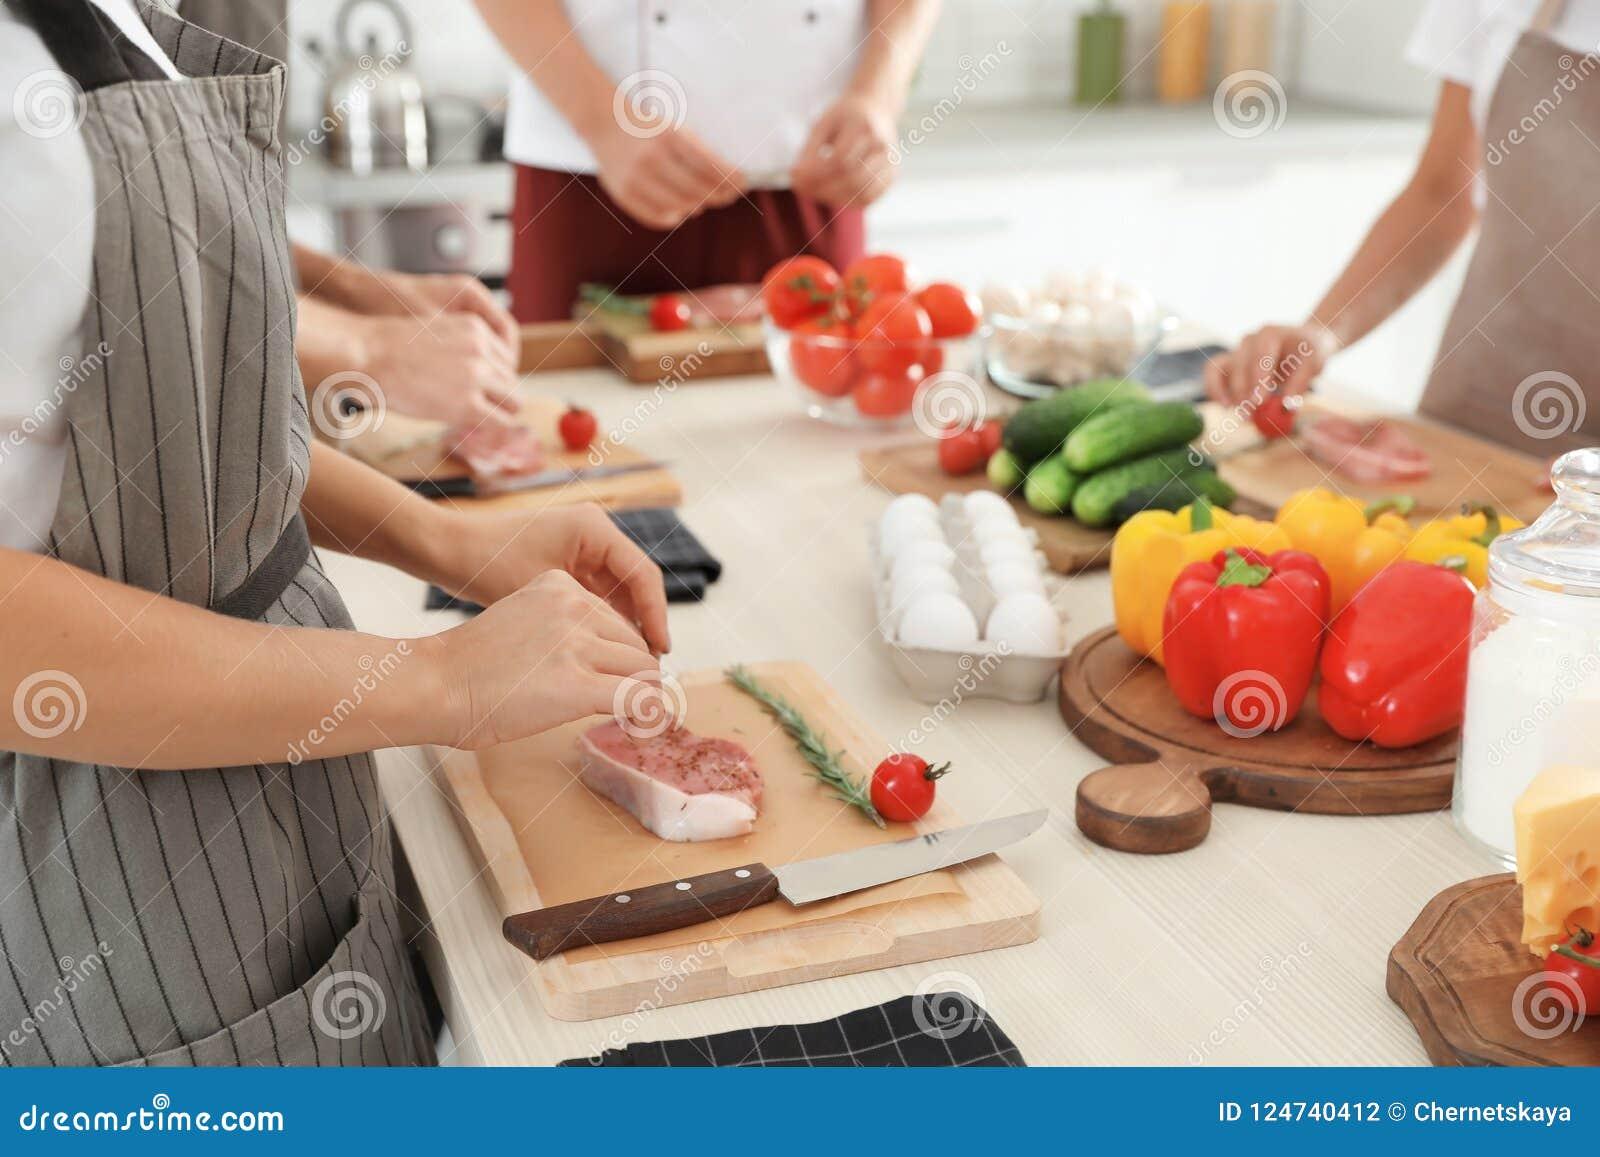 Grupp människor som förbereder kött på matlagninggrupper